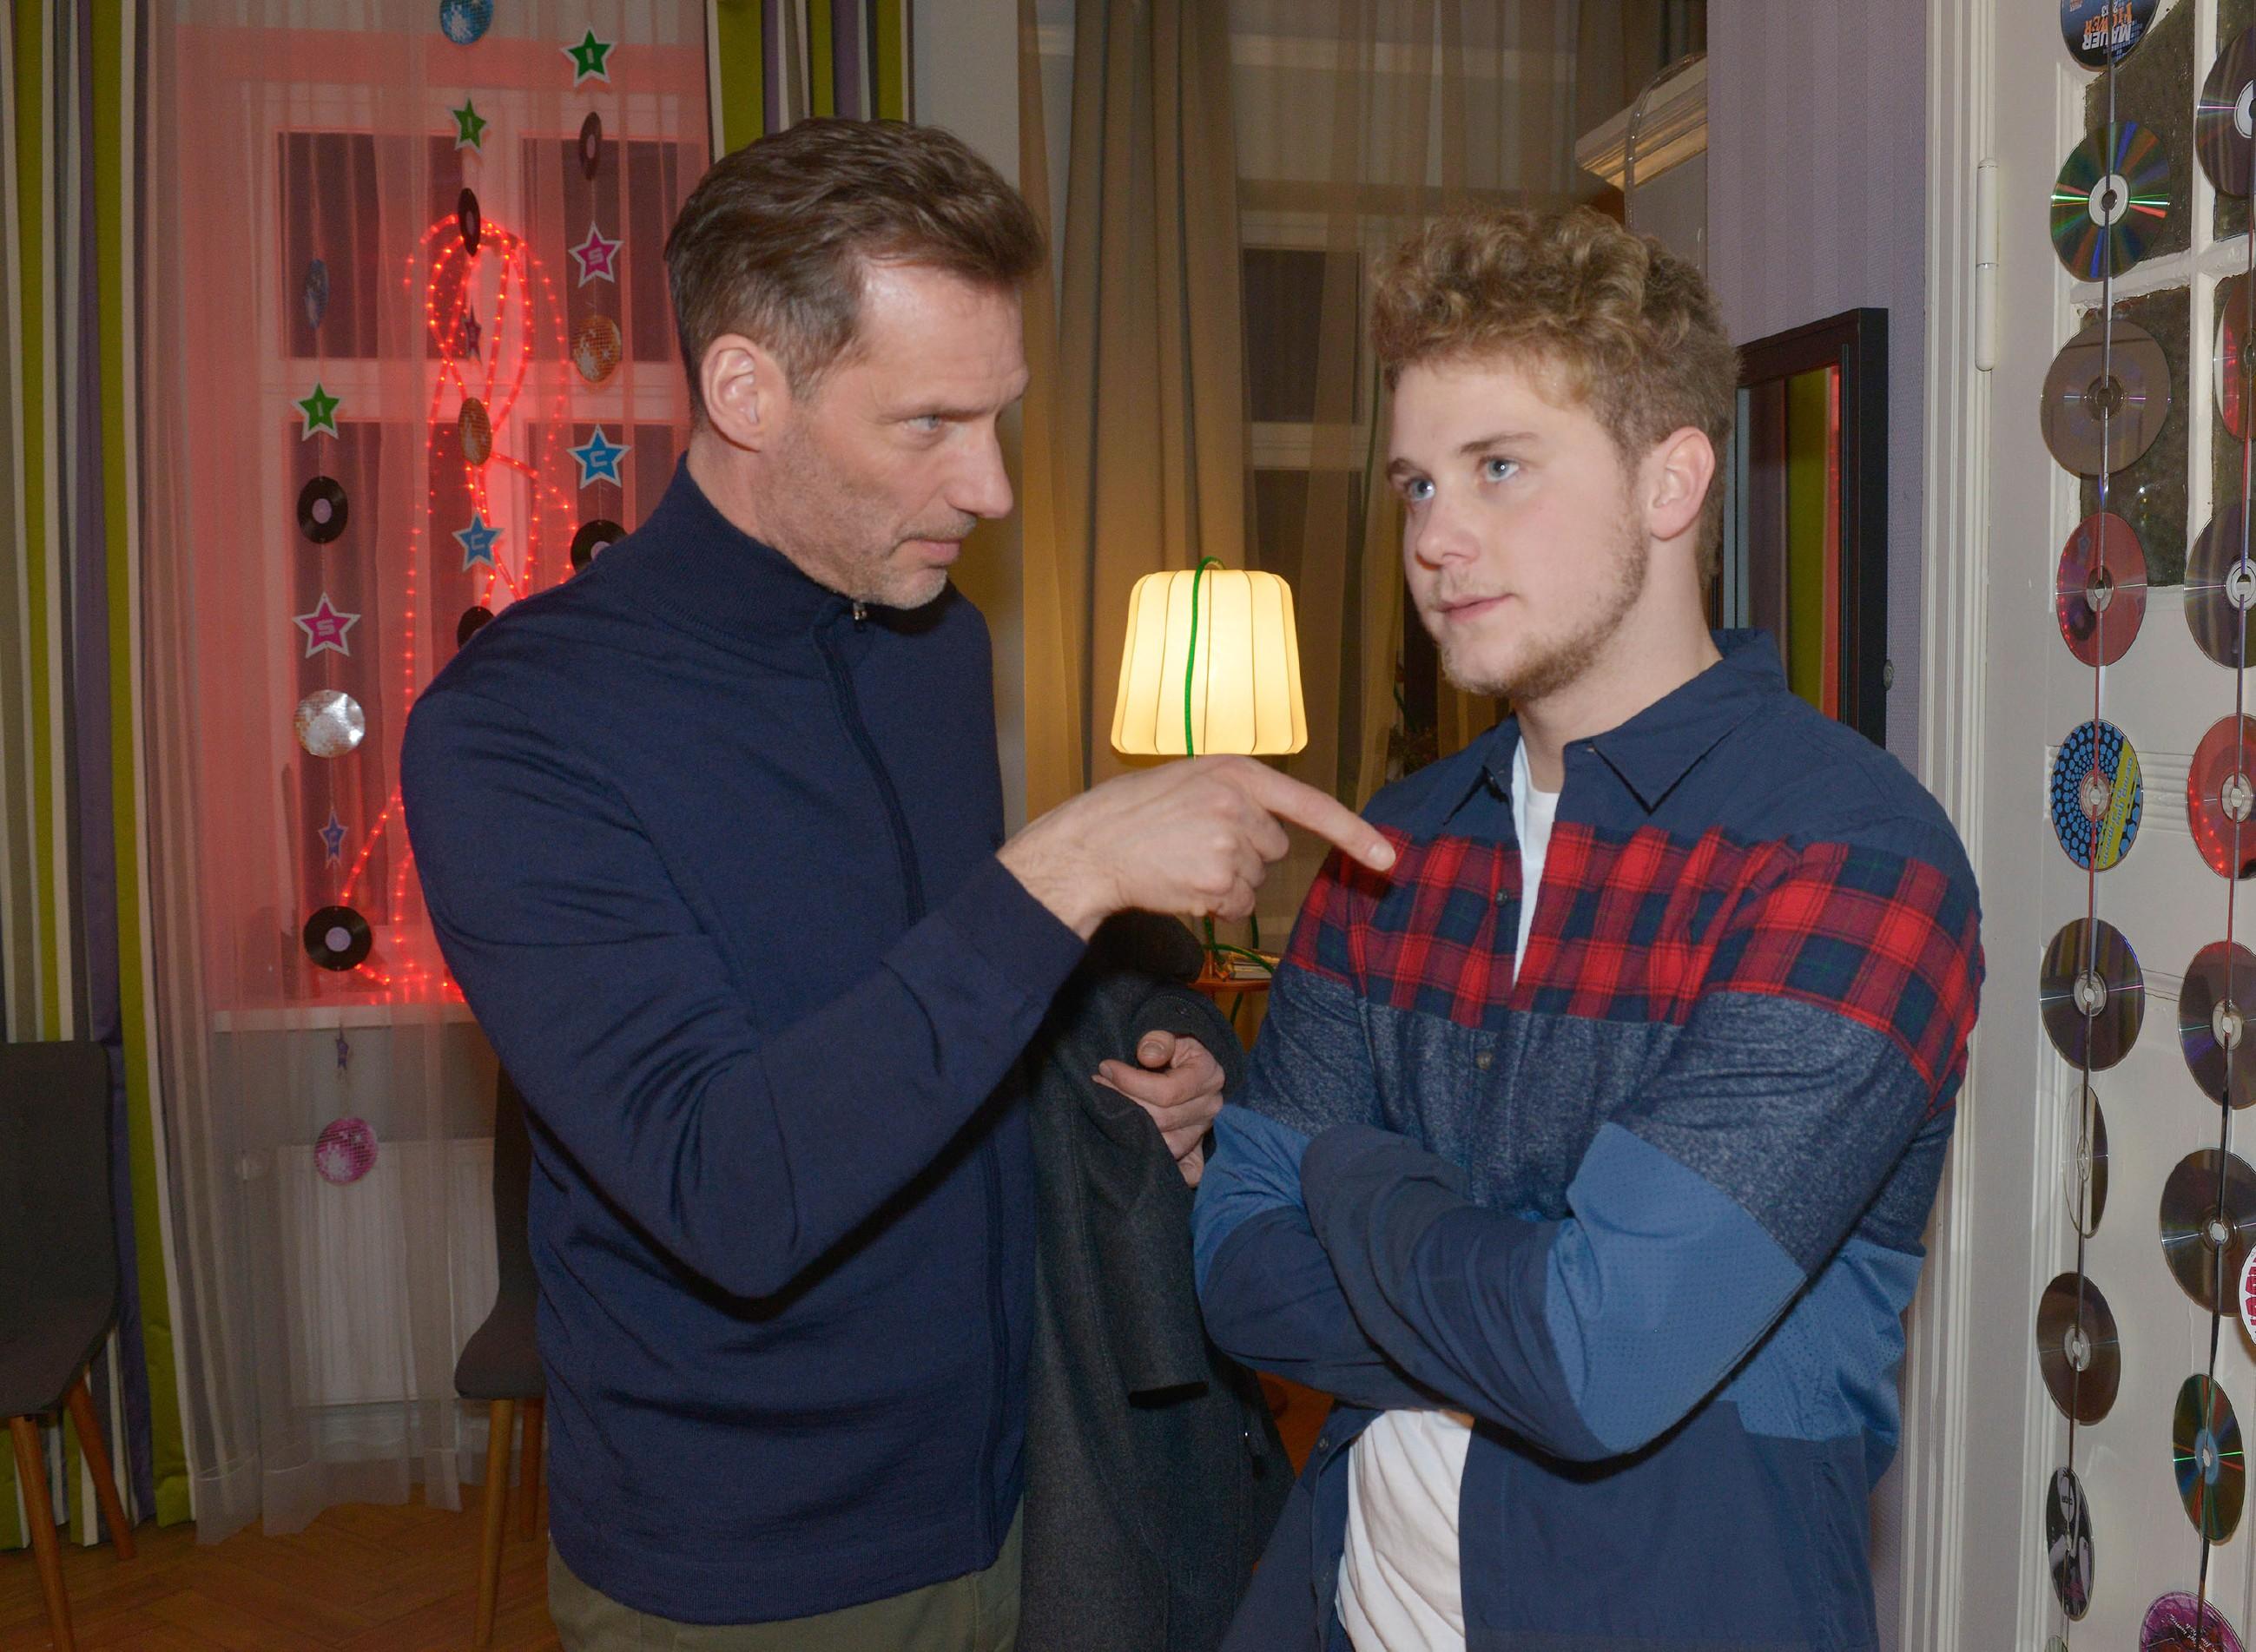 Alexander (Clemens Löhr, l.) ermahnt Jonas (Felix van Deventer), bei seiner Party nicht die Wohnung auf den Kopf zu stellen. (Quelle: RTL / Rolf Baumgartner)